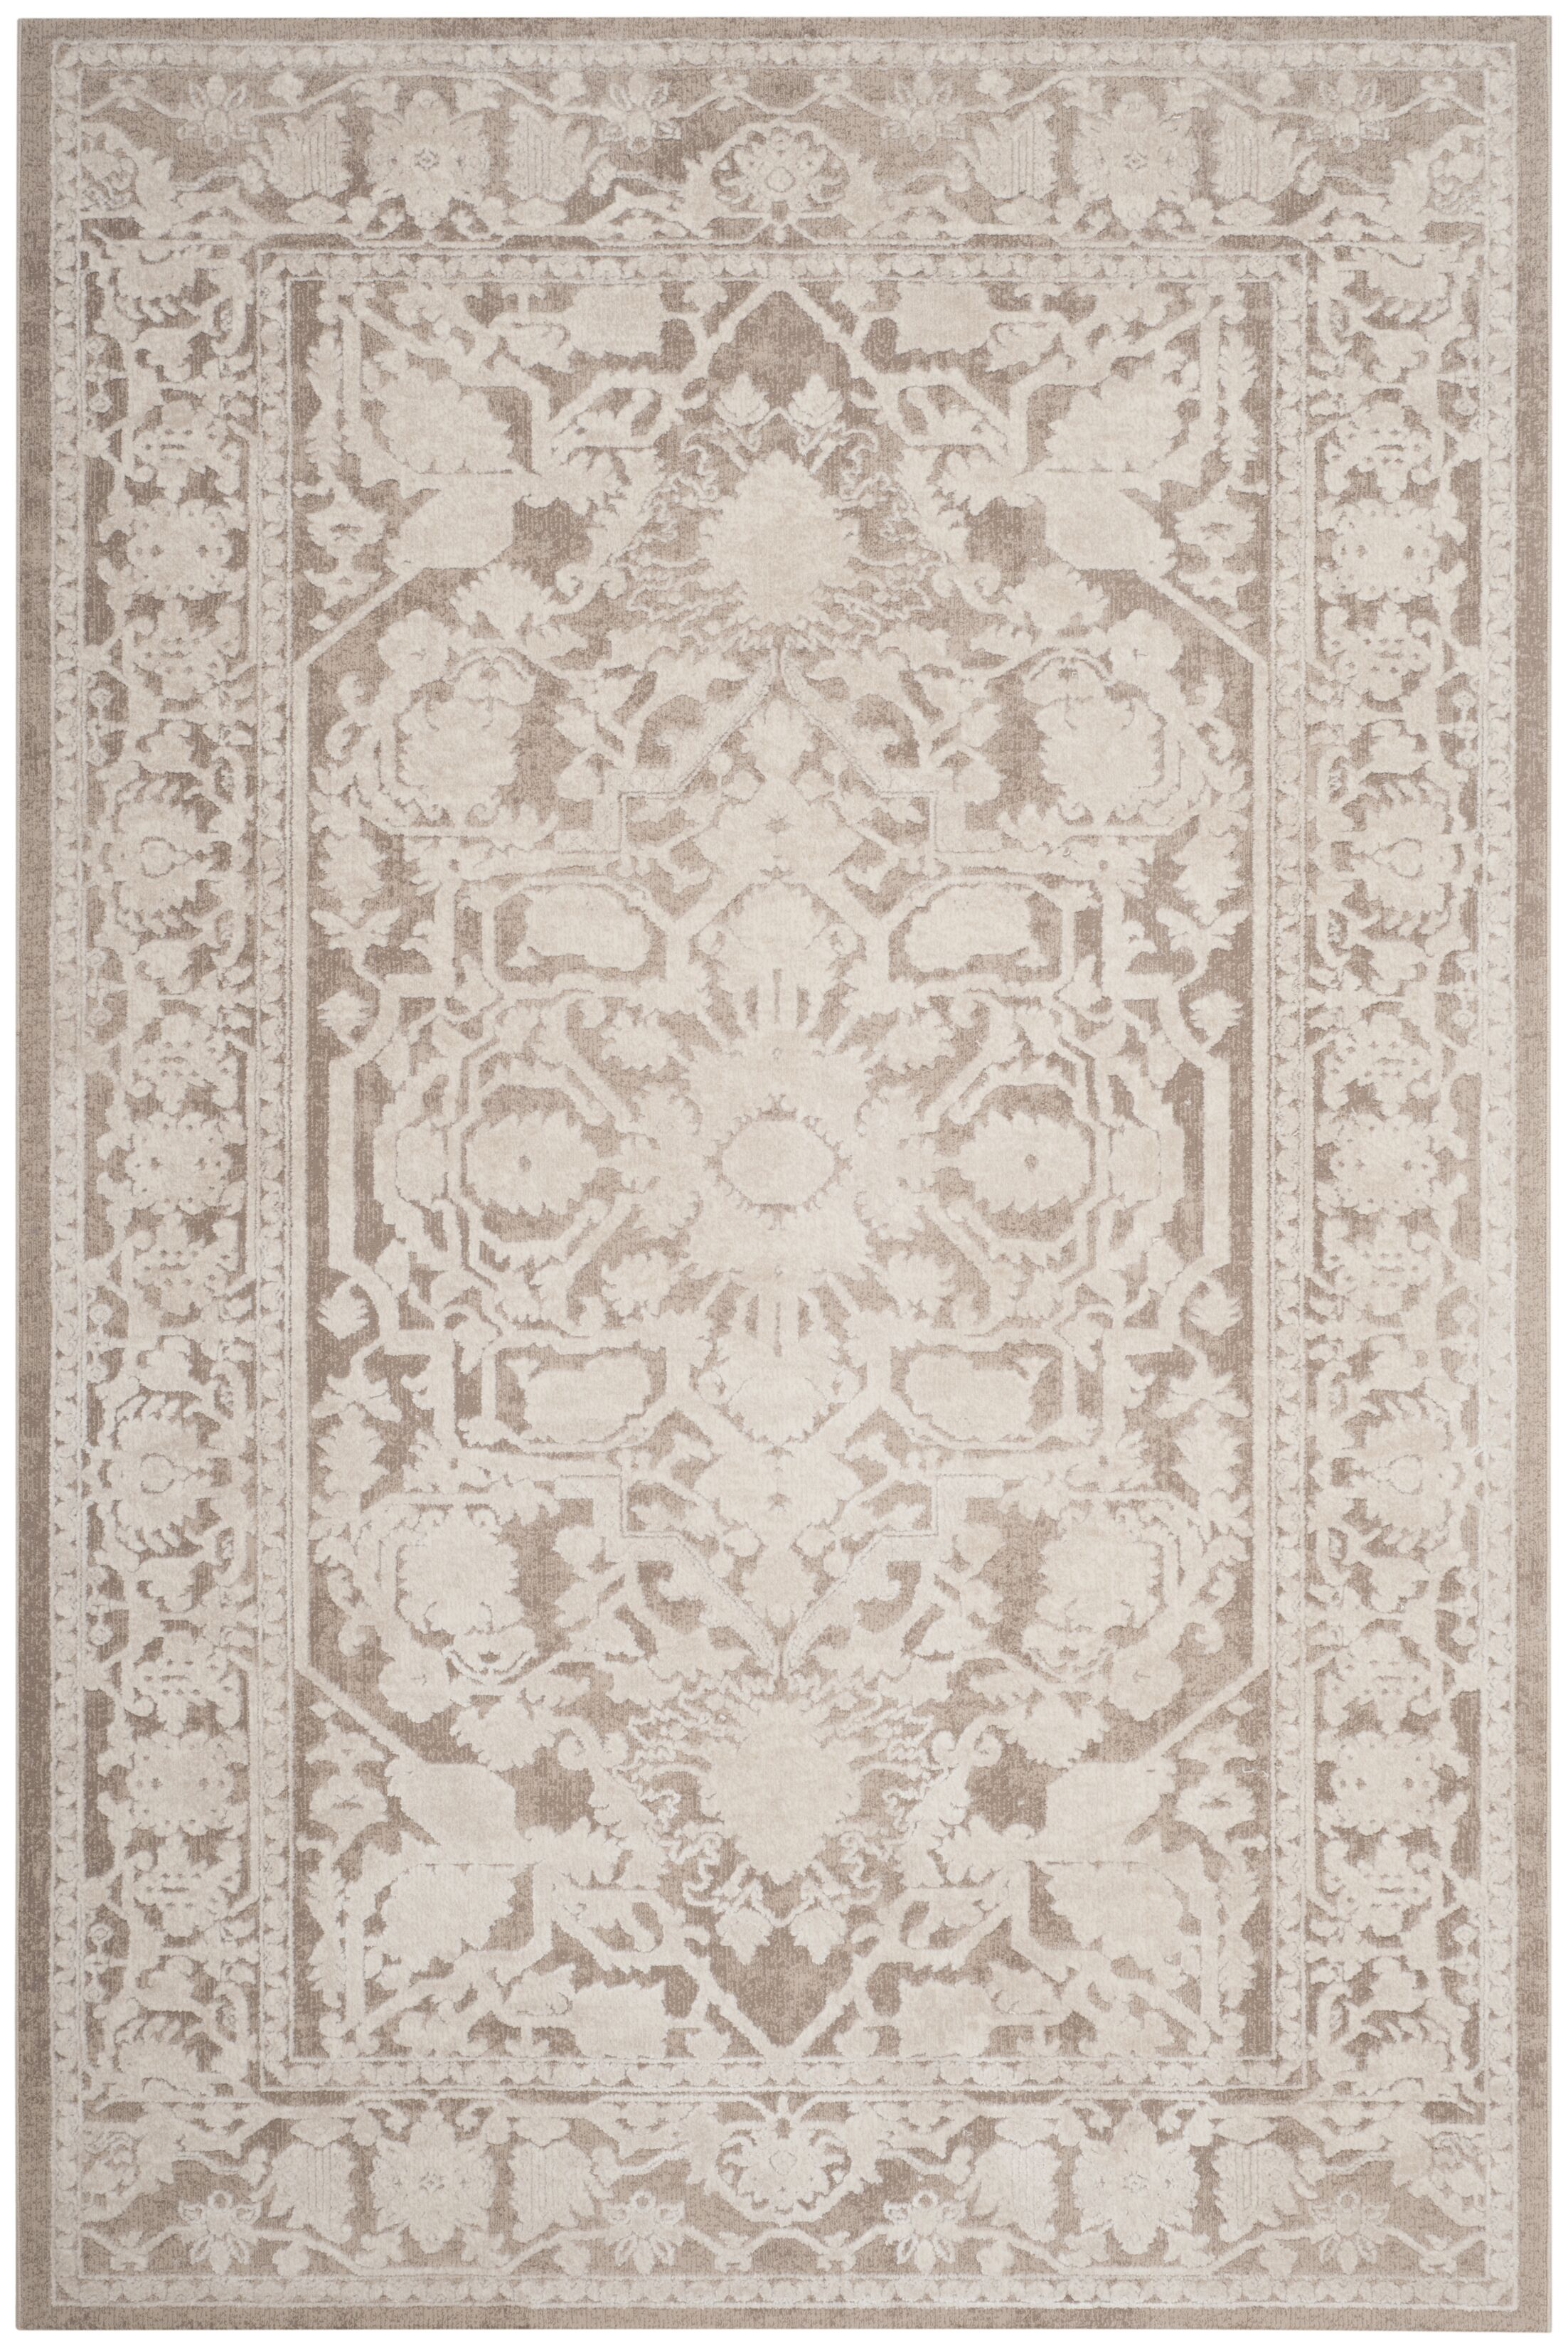 Pellot Dark Beige/Cream Area Rug Rug Size: Square 6'7